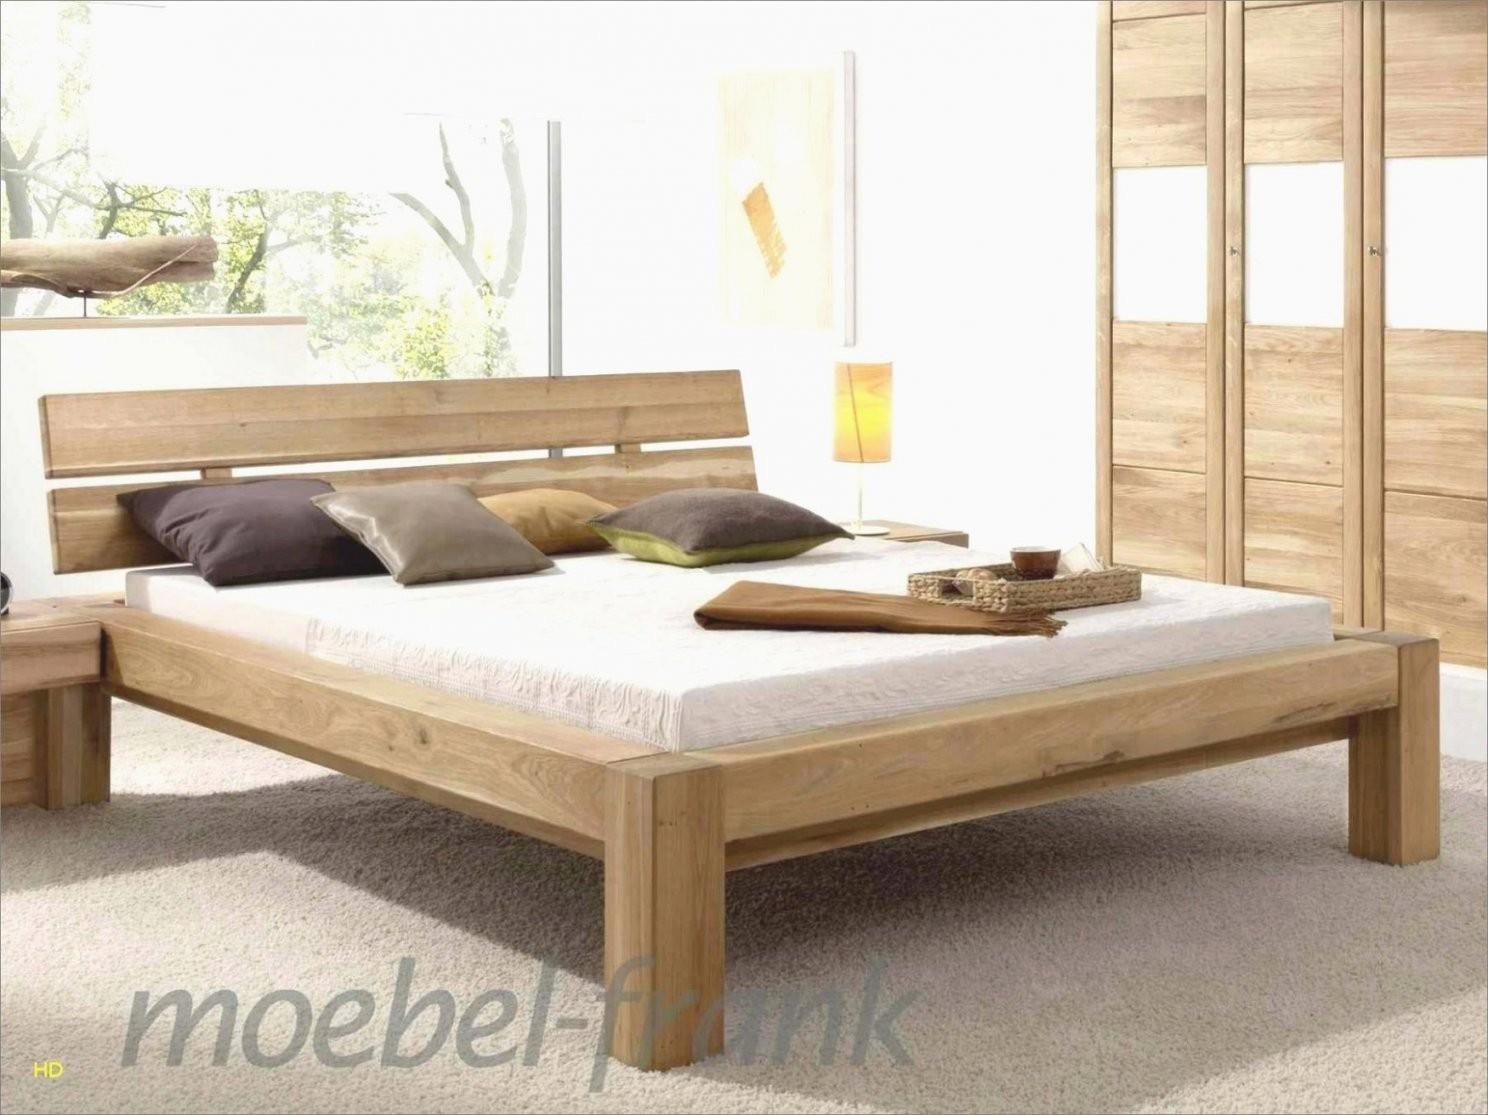 20 Stark Bett 200X200 Komforthöhe  Sanpas Home Decor von Bett 200X200 Komforthöhe Photo